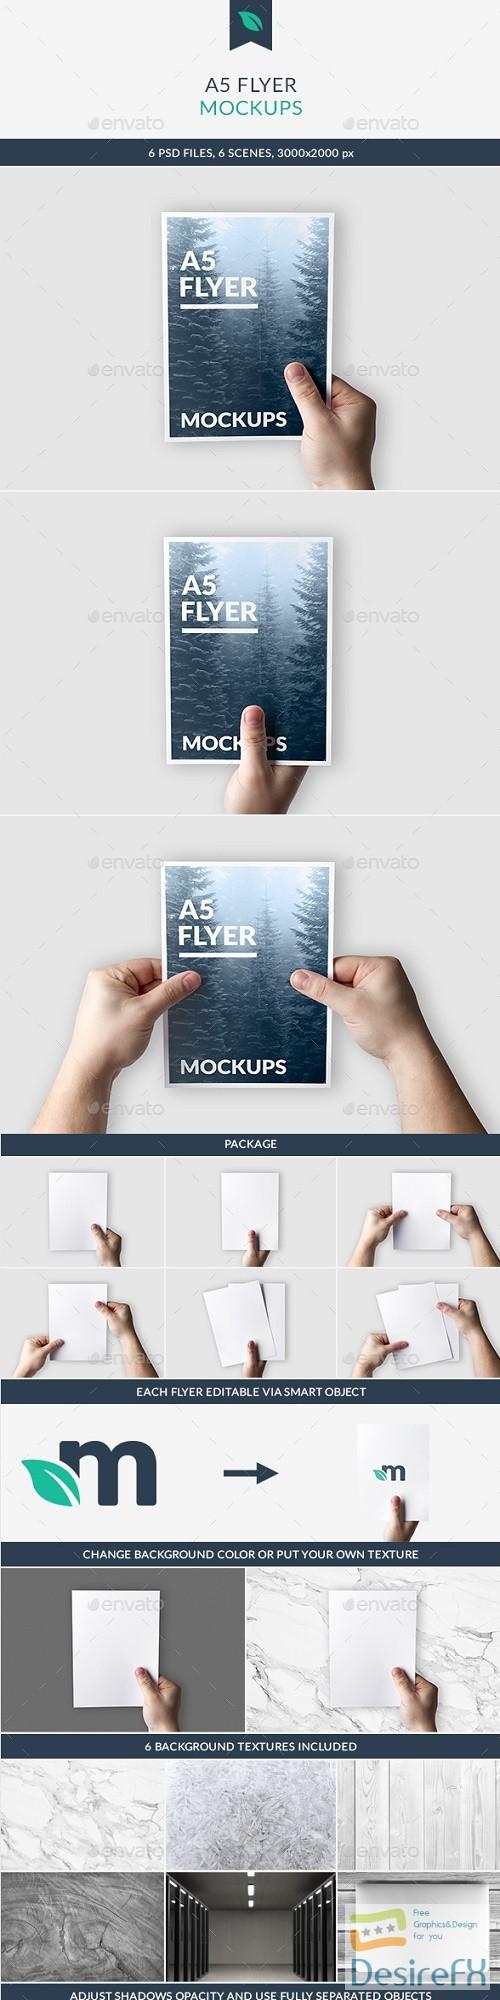 A5 Flyer Mockups 21356824